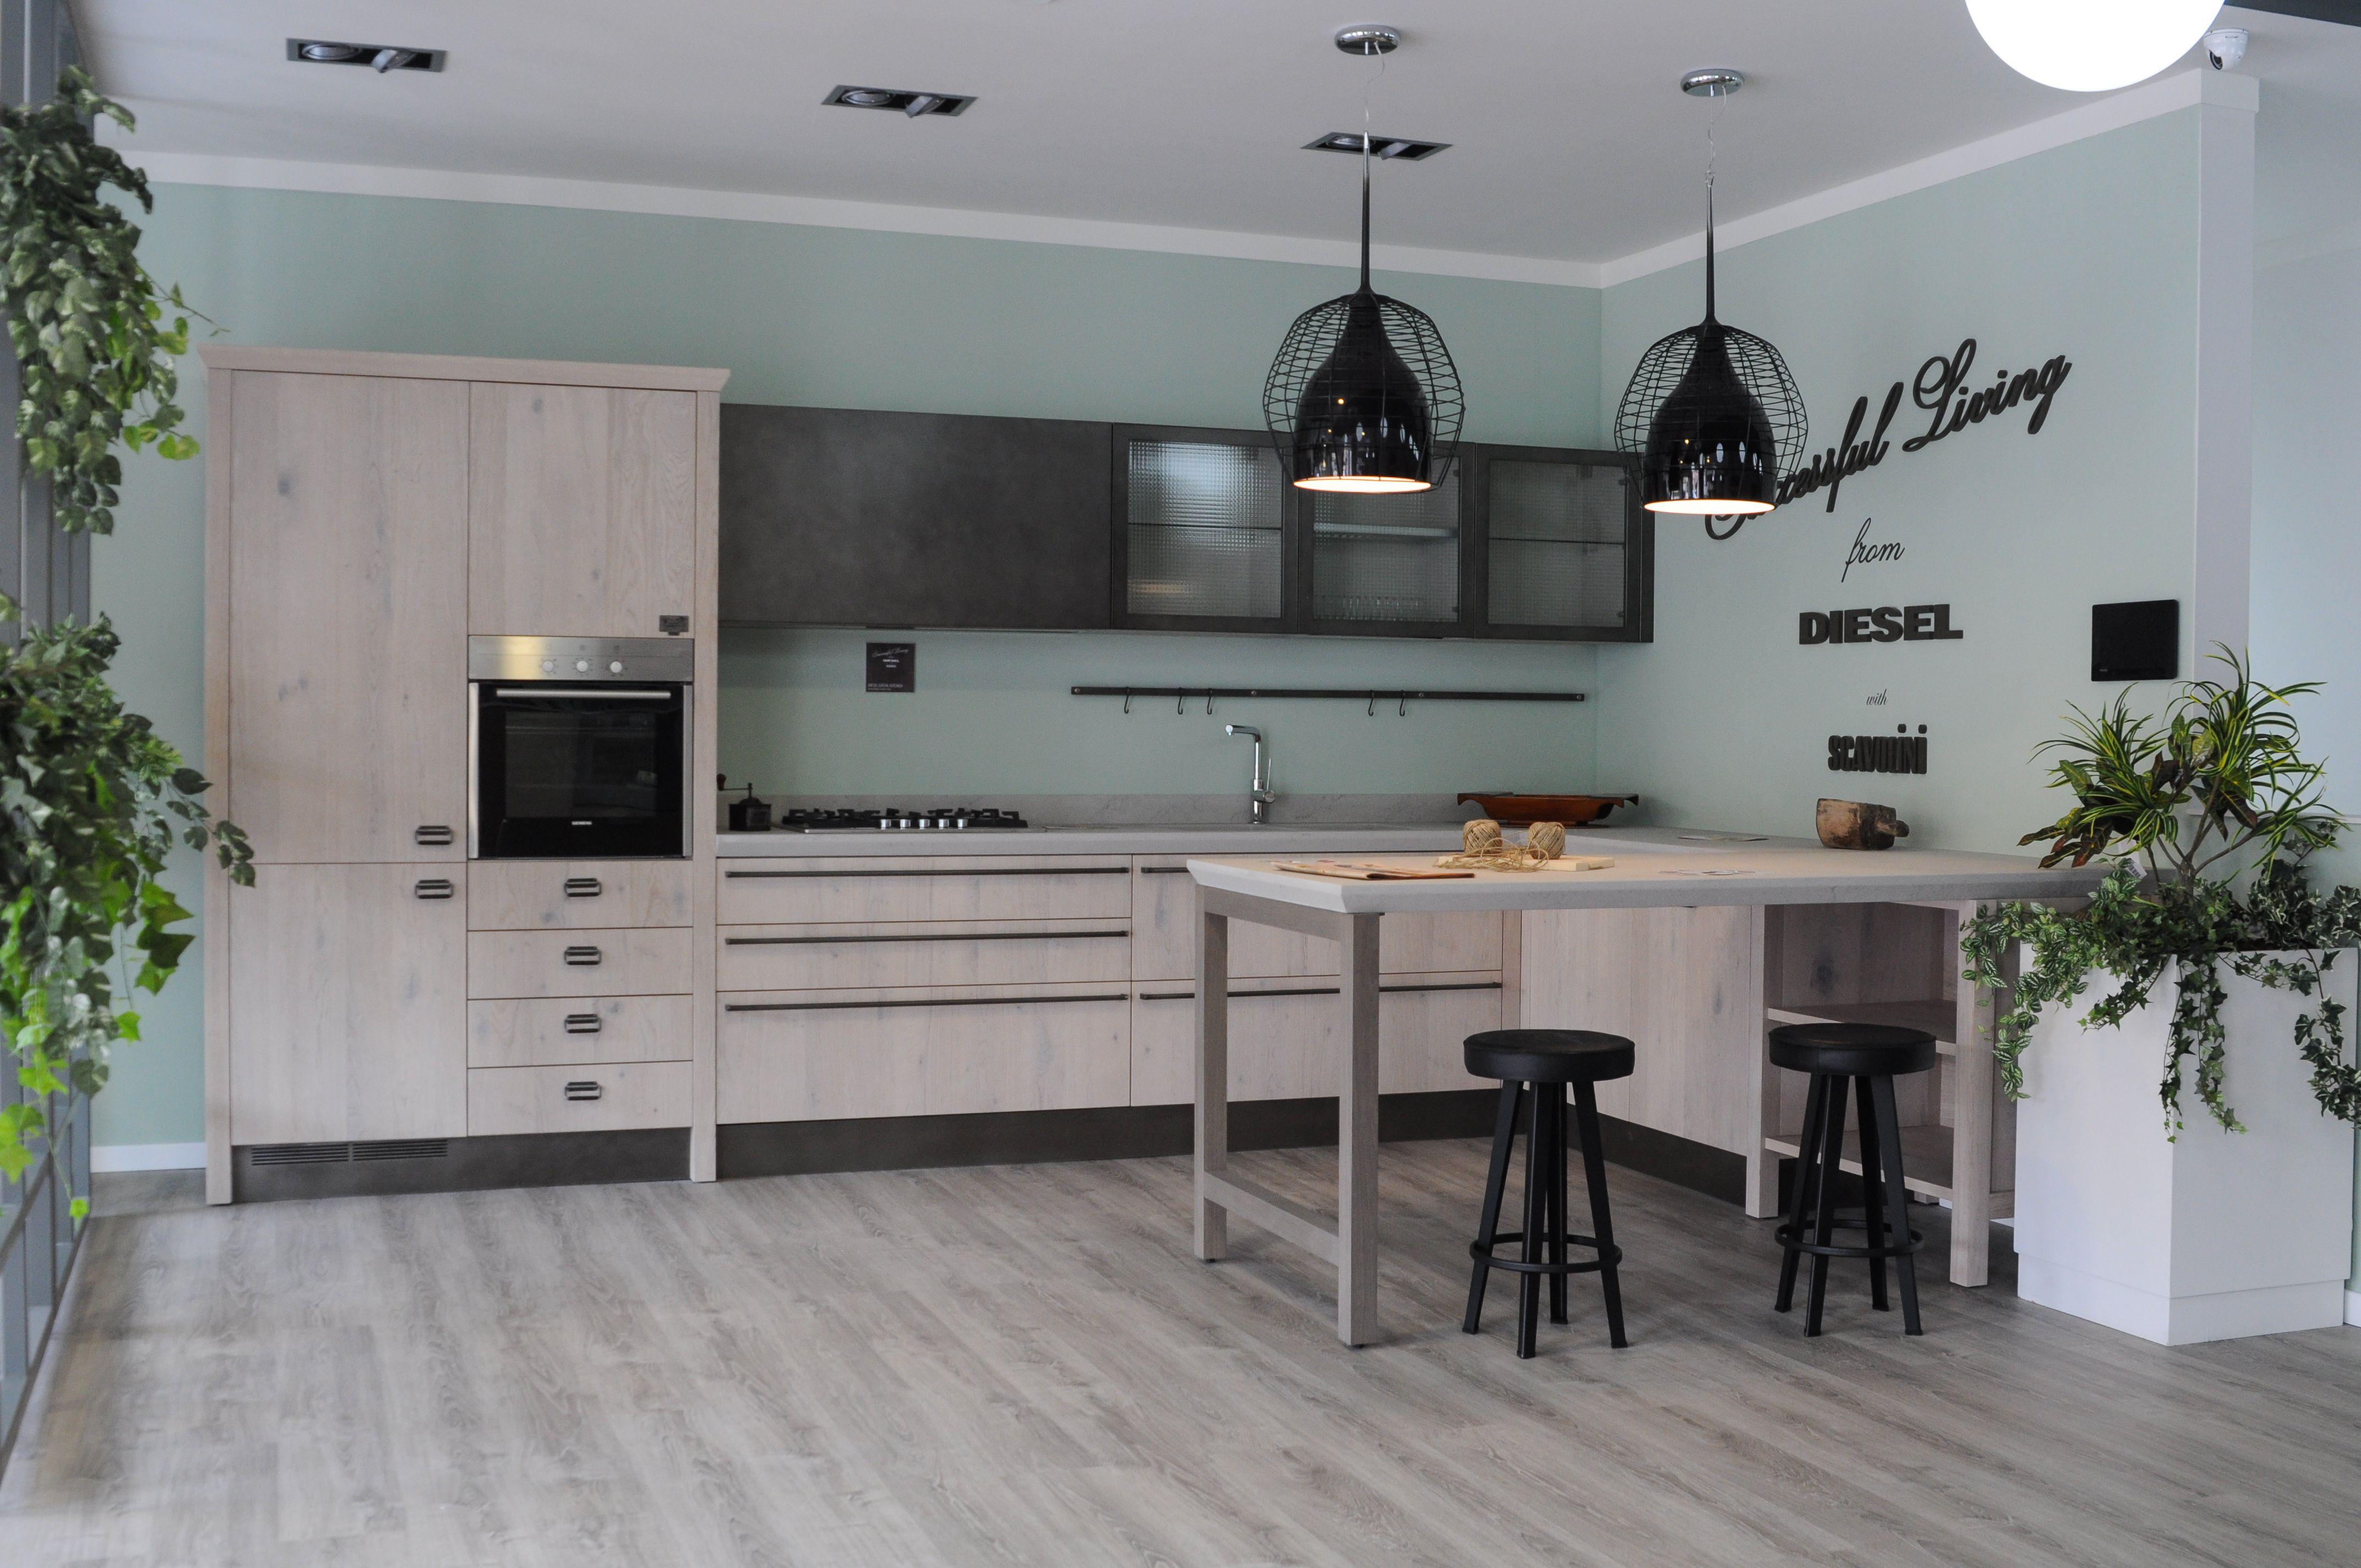 diesel social kitchen in esposizione nello store di lamezia terme ... - Arredo Bagno Lamezia Terme